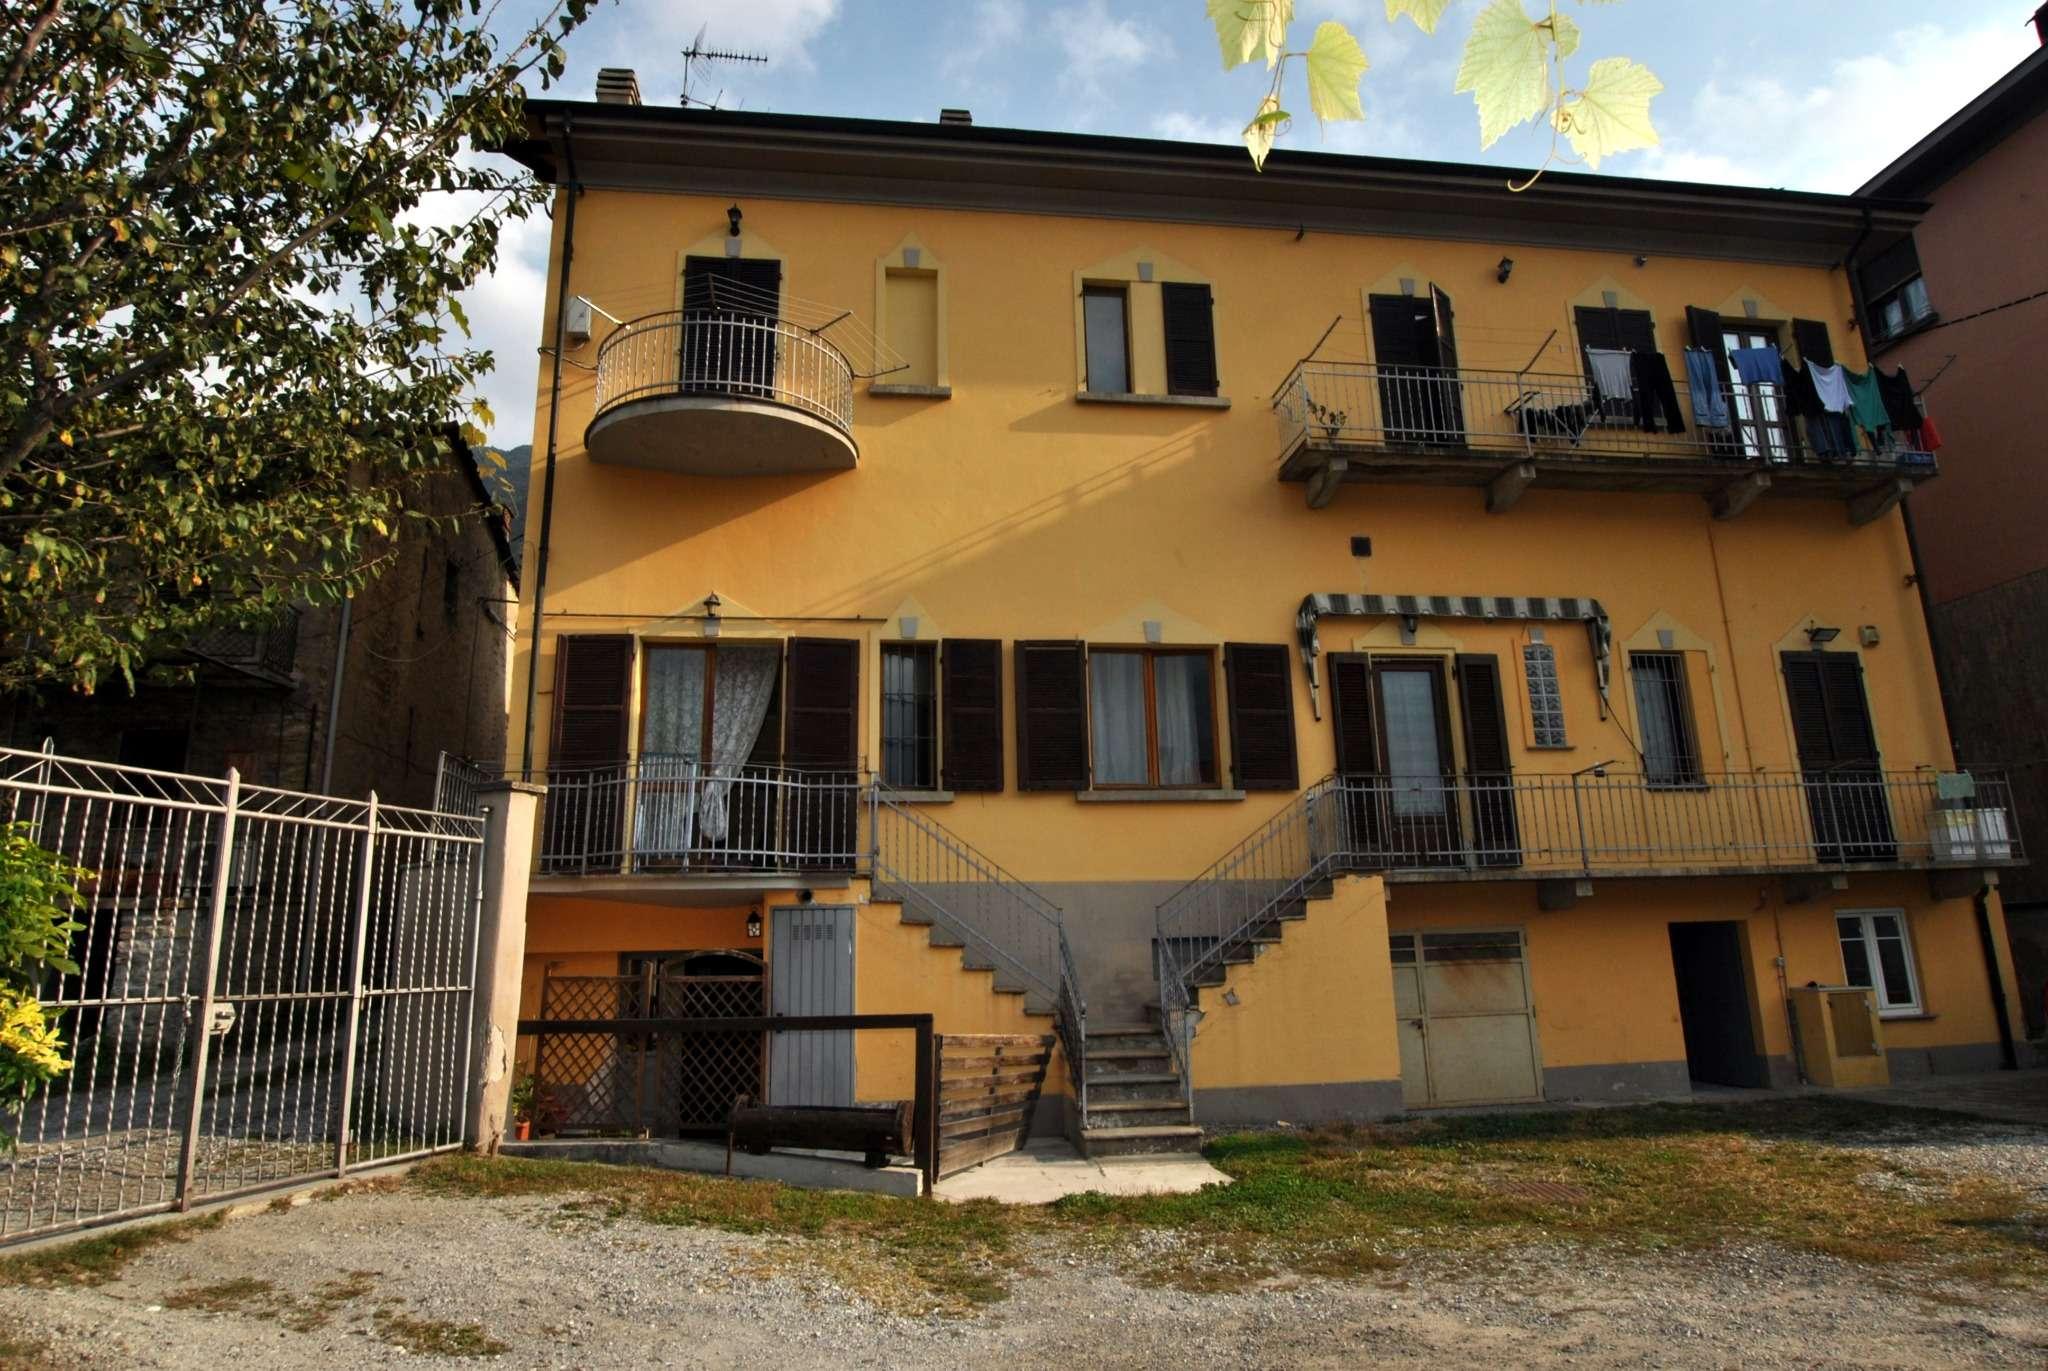 Soluzione Semindipendente in vendita a Borgone Susa, 5 locali, prezzo € 125.000 | CambioCasa.it